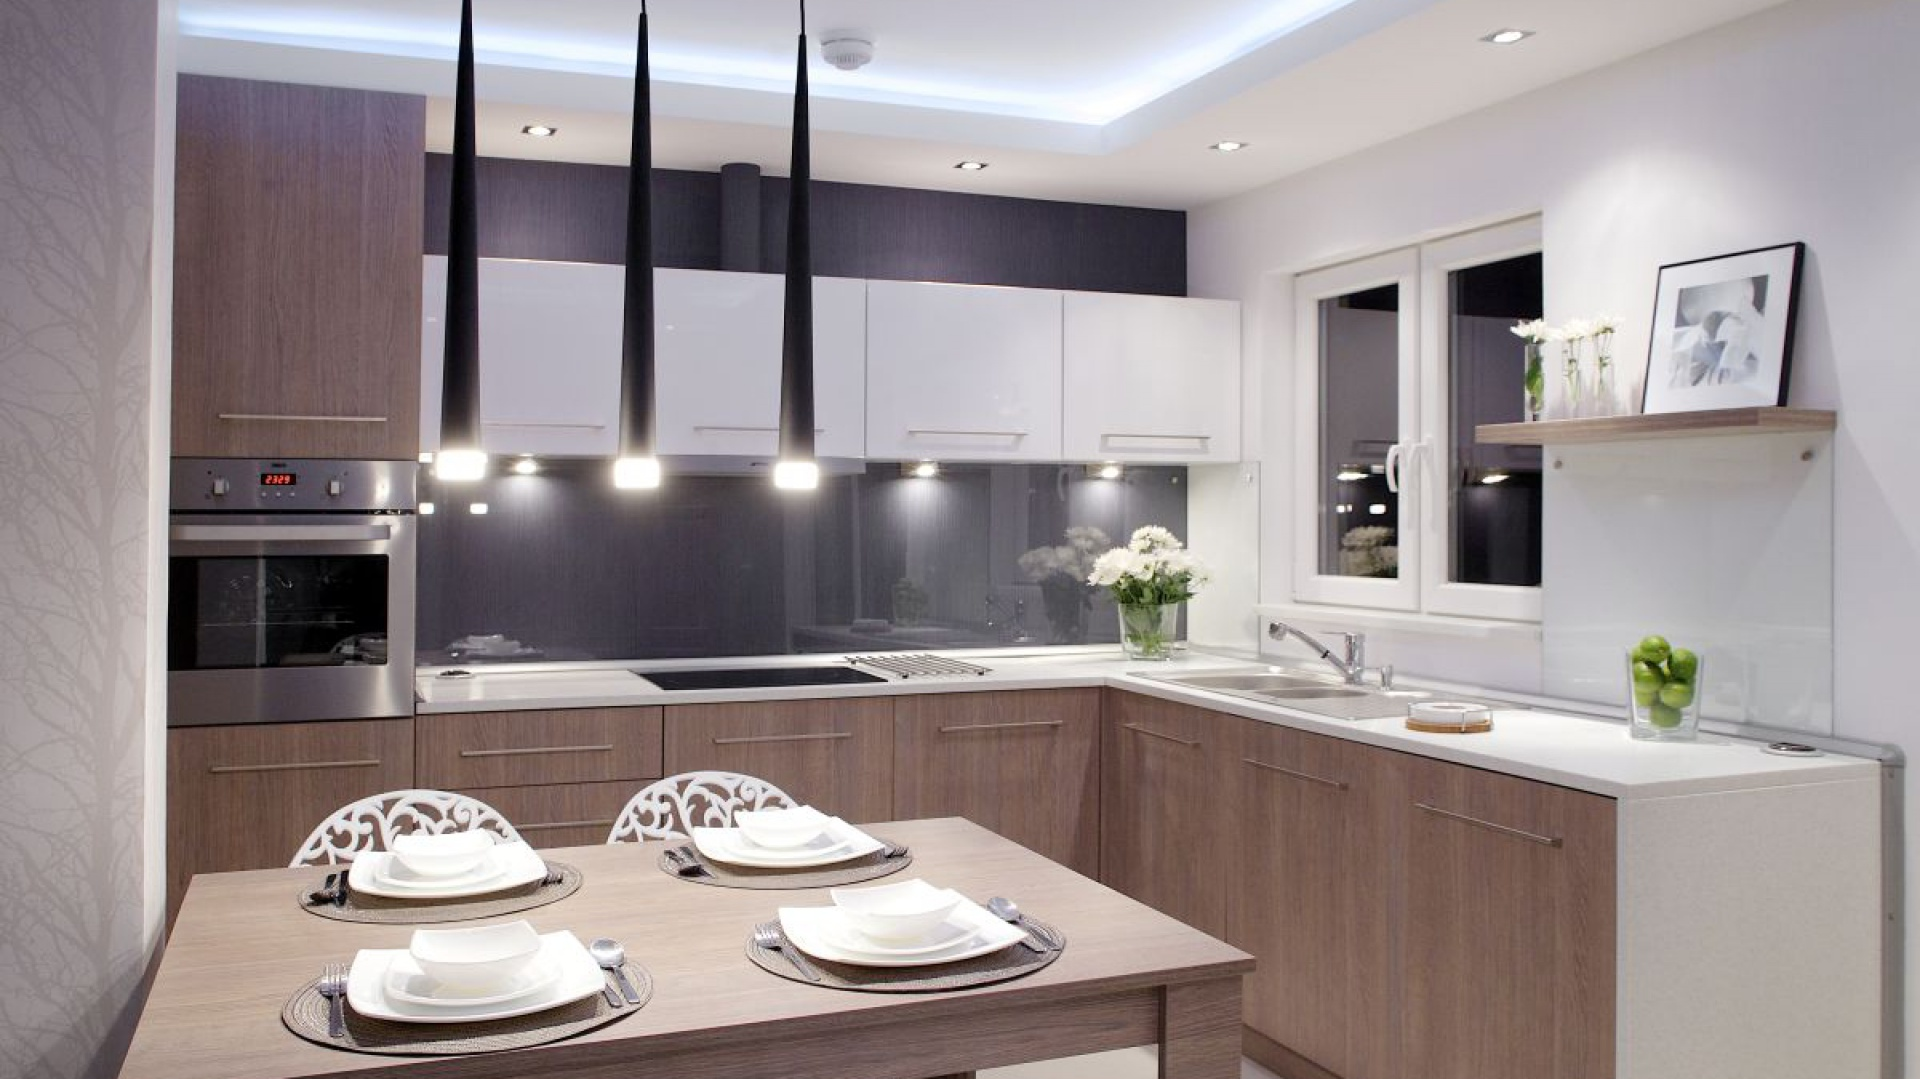 Aranżacja kuchni to przede wszystkim jasne barwy. Biały kolor na ścianach, blatach i frontach podwieszanych szafek optycznie powiększa przestrzeń. Szafki i ściana nad zlewozmywakiem zostały wykończone na połysk, zapewniając refleksy światła, dodatkowo stwarzające iluzję większego pomieszczenia. Fot. Małgorzata Brewczyńska.